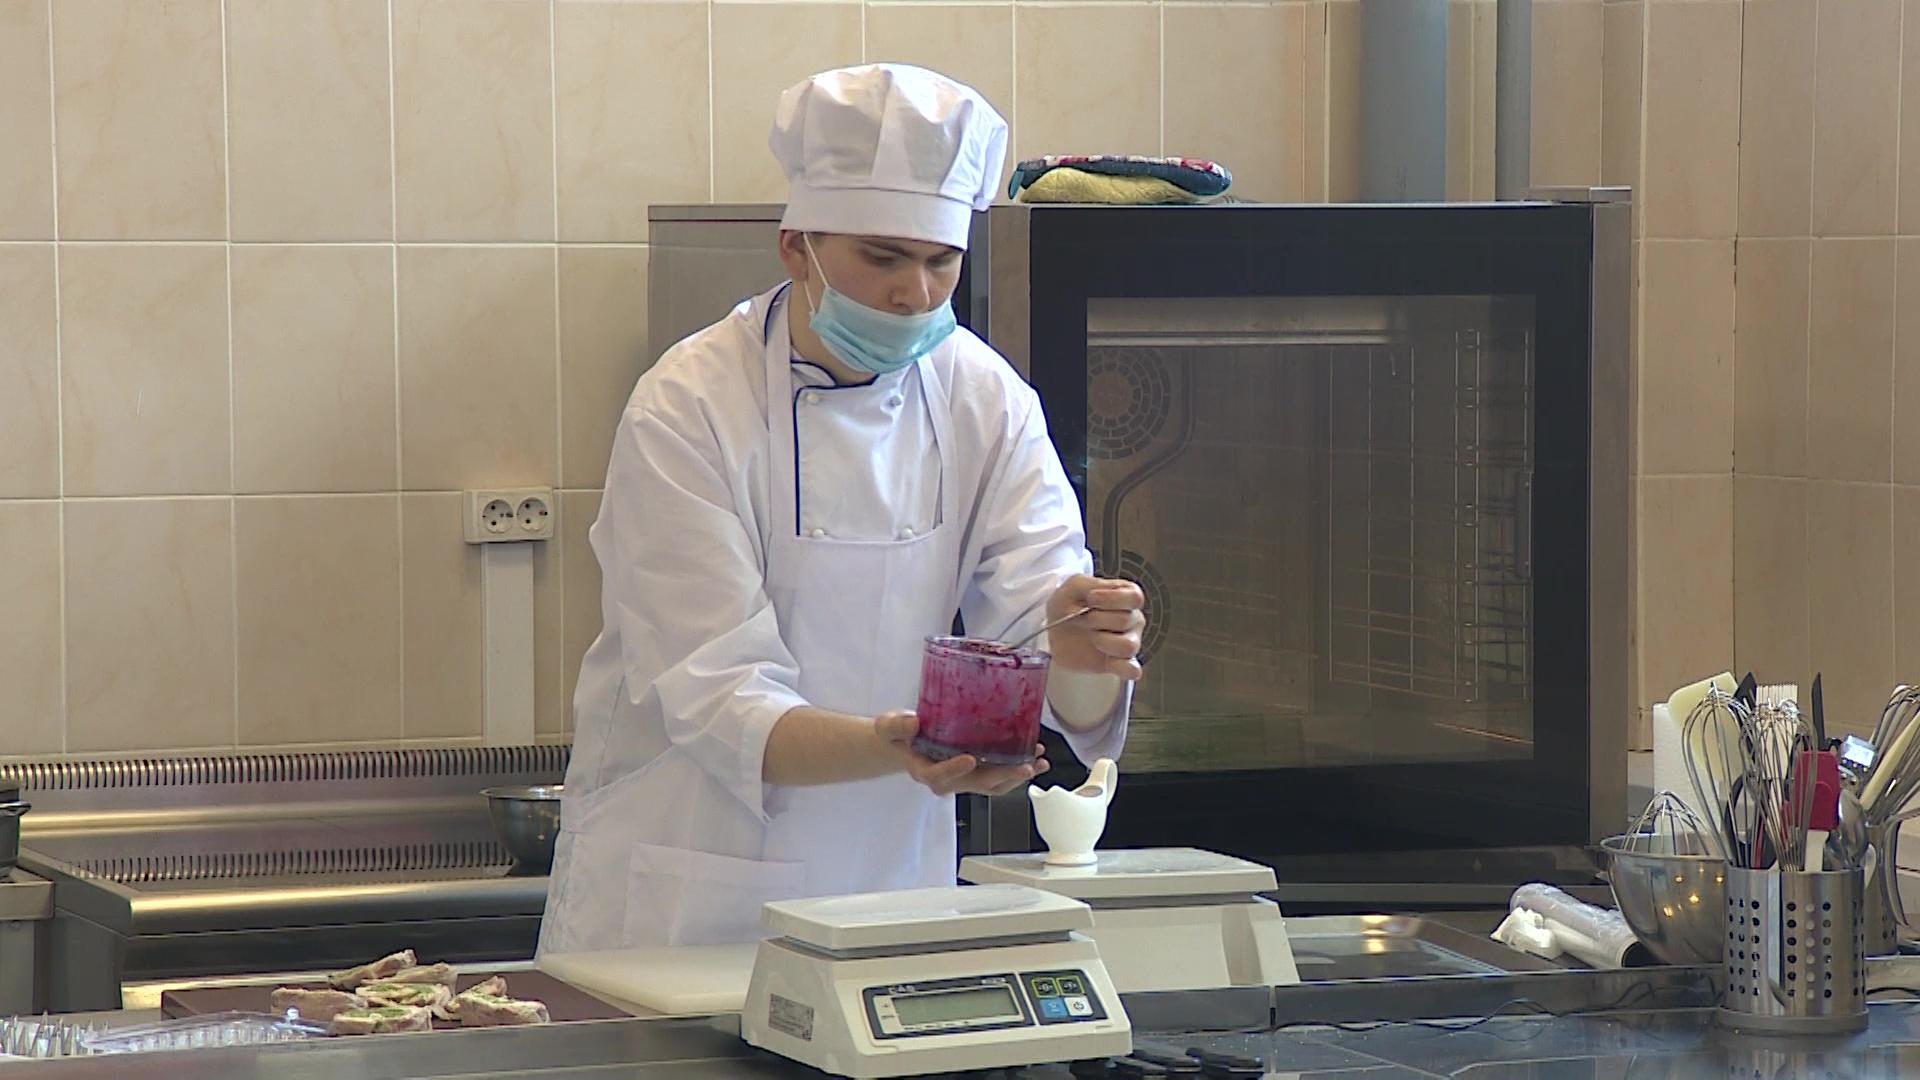 Будущие повара впервые сдали кулинарный экзамен без проб в дистанционном формате